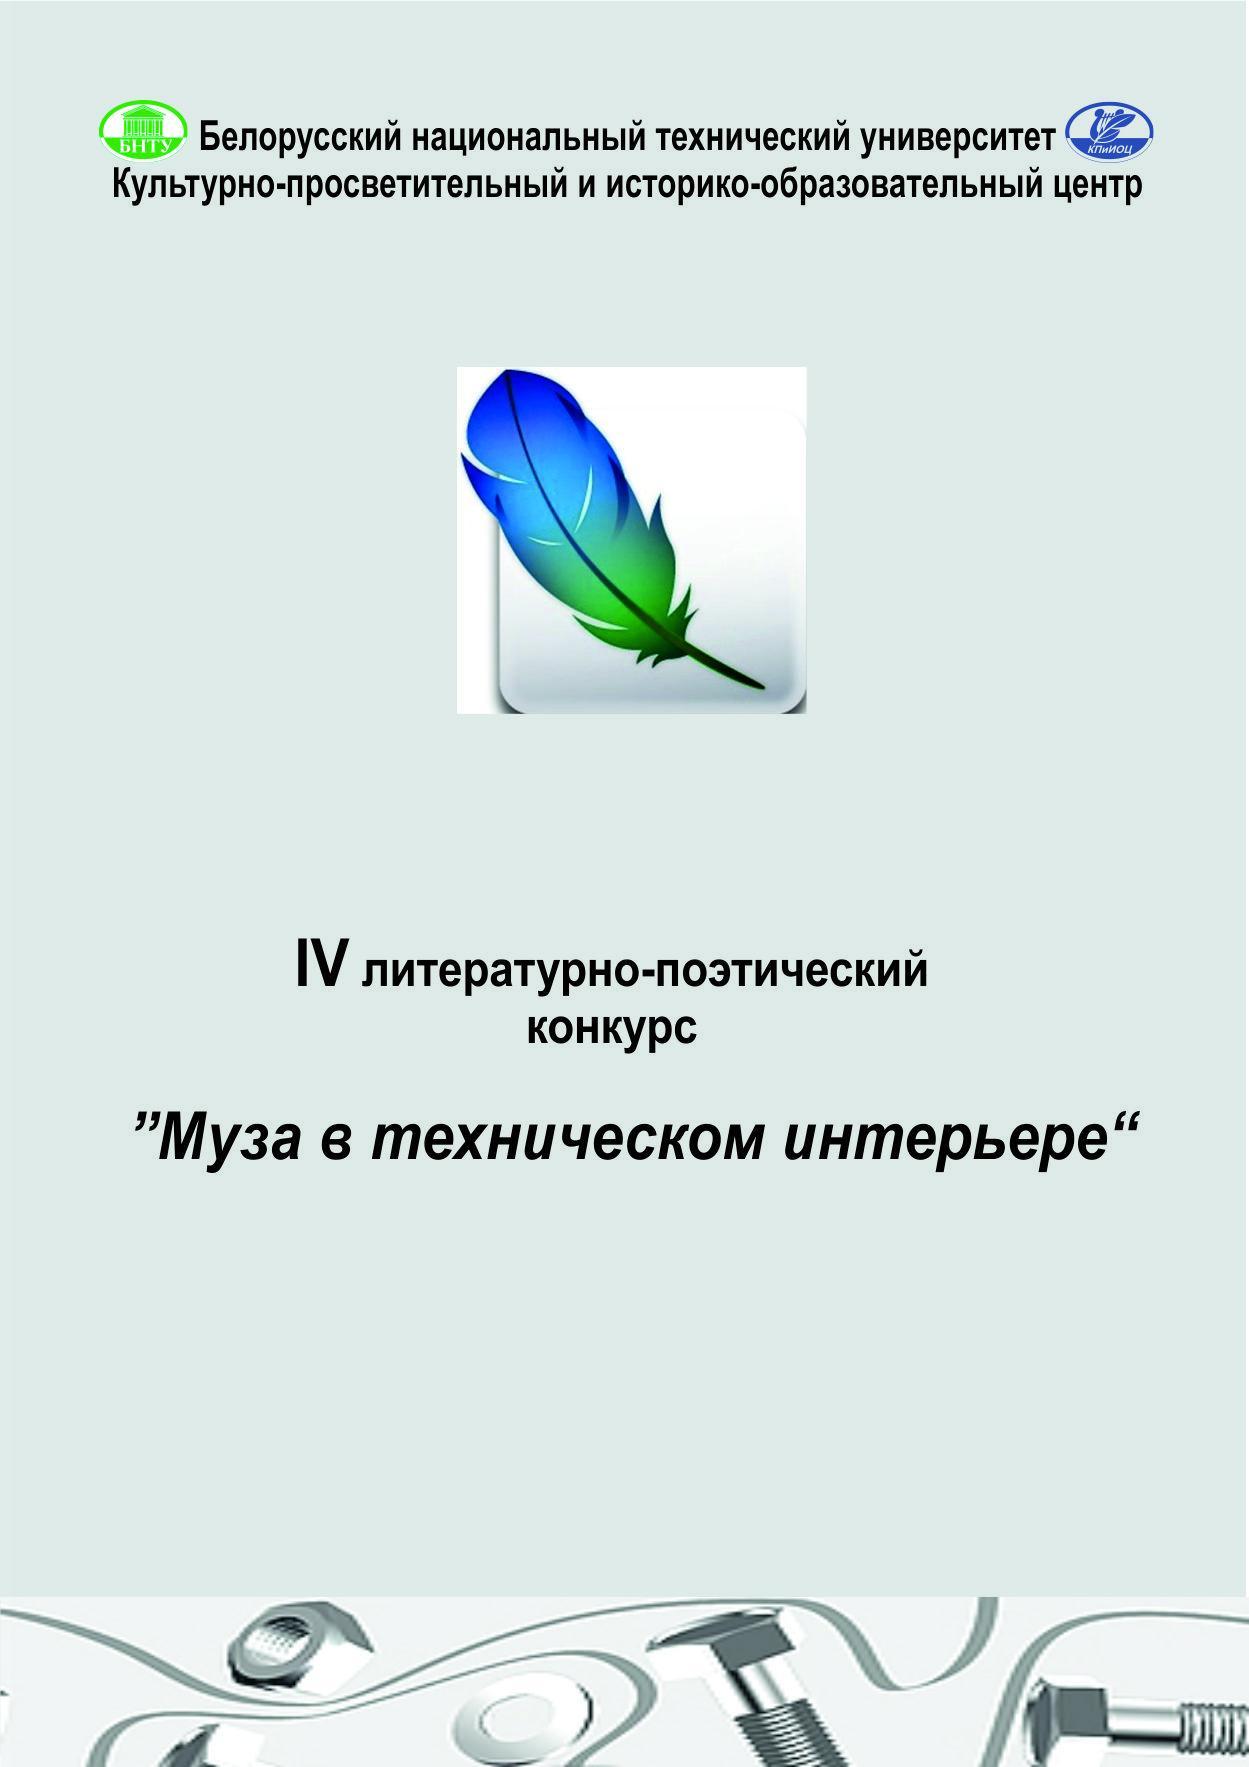 IV литературно-поэтический конкурс «Муза в техническом интерьере»